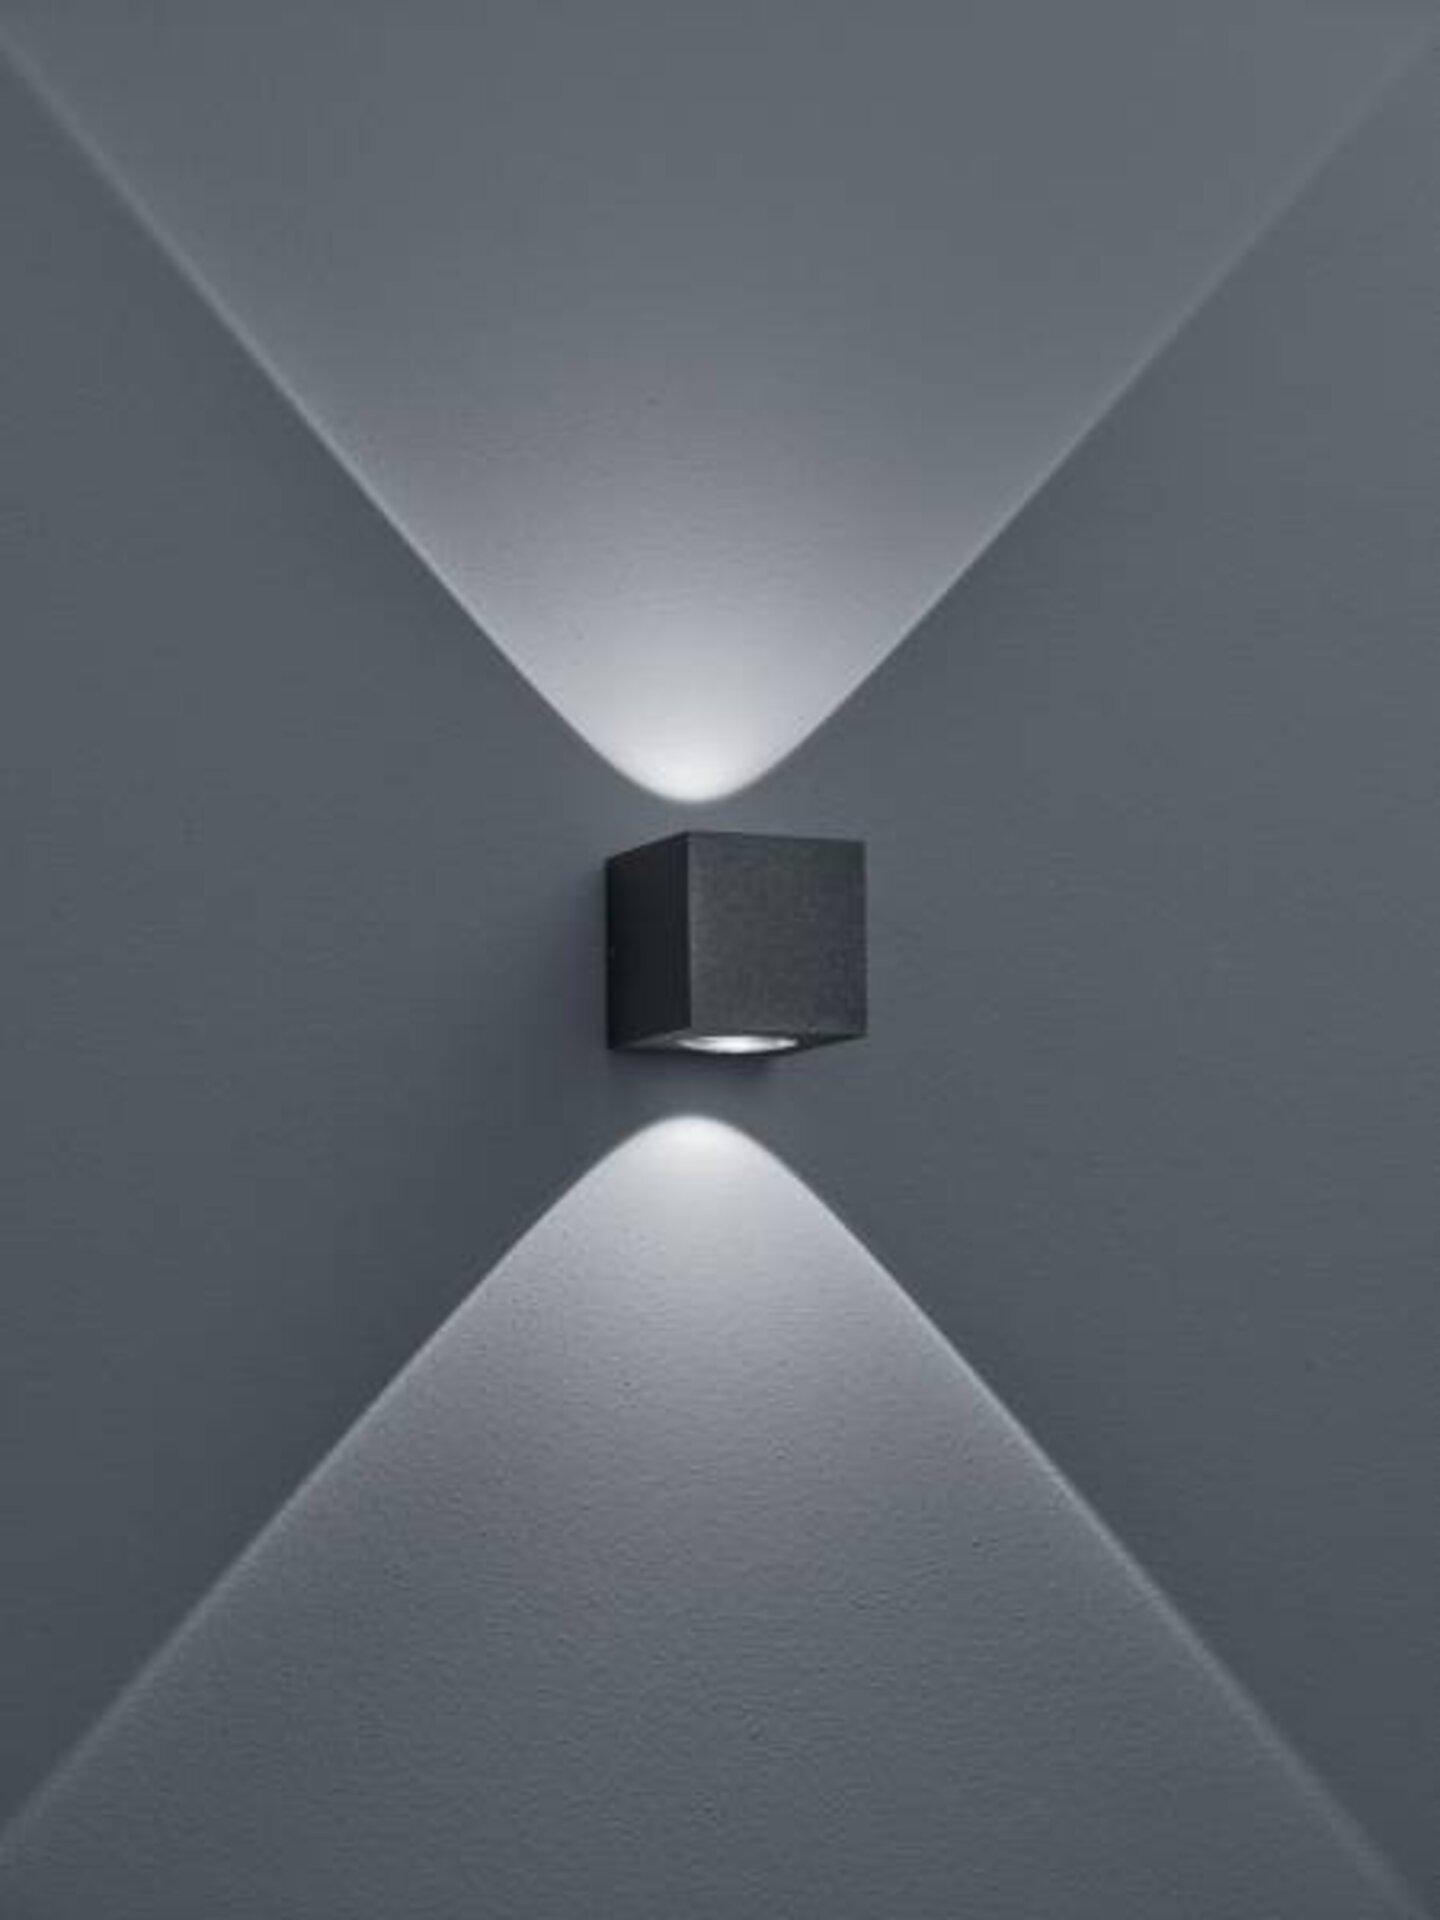 Wand-Aussenleuchte PEKA Helestra Leuchten Metall grau 8 x 8 x 8 cm